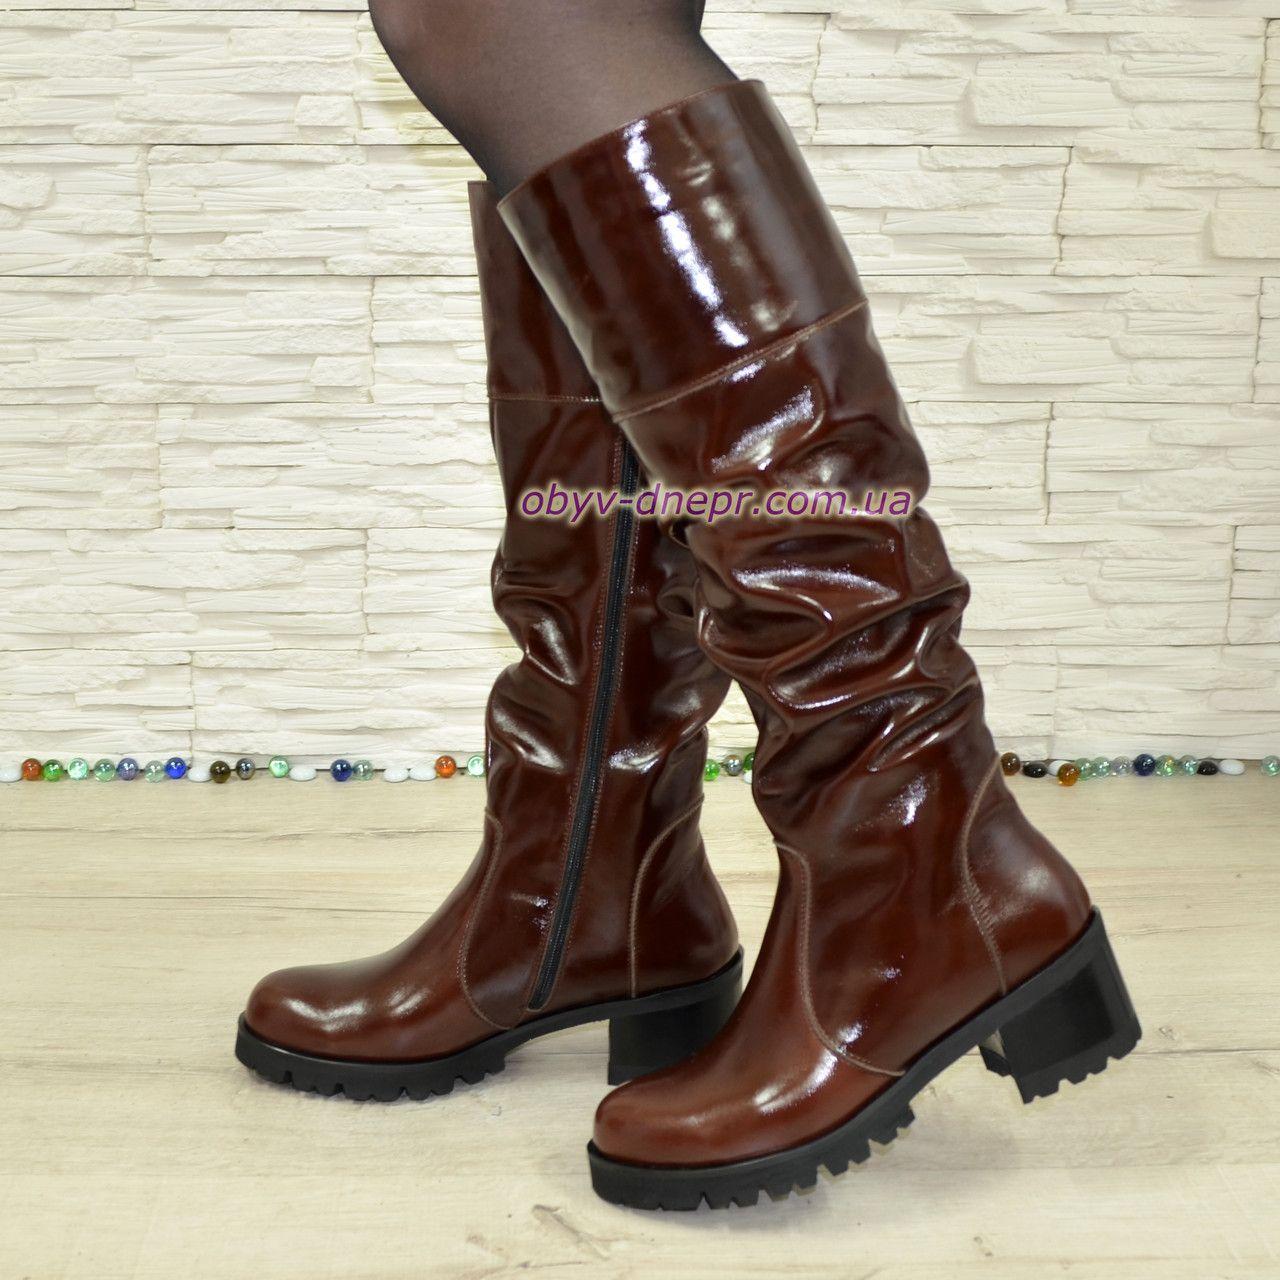 Сапоги коричневые зимние кожаные женские на каблуке. Подробная информация о  товаре услуге и поставщике af9dc5ed07795